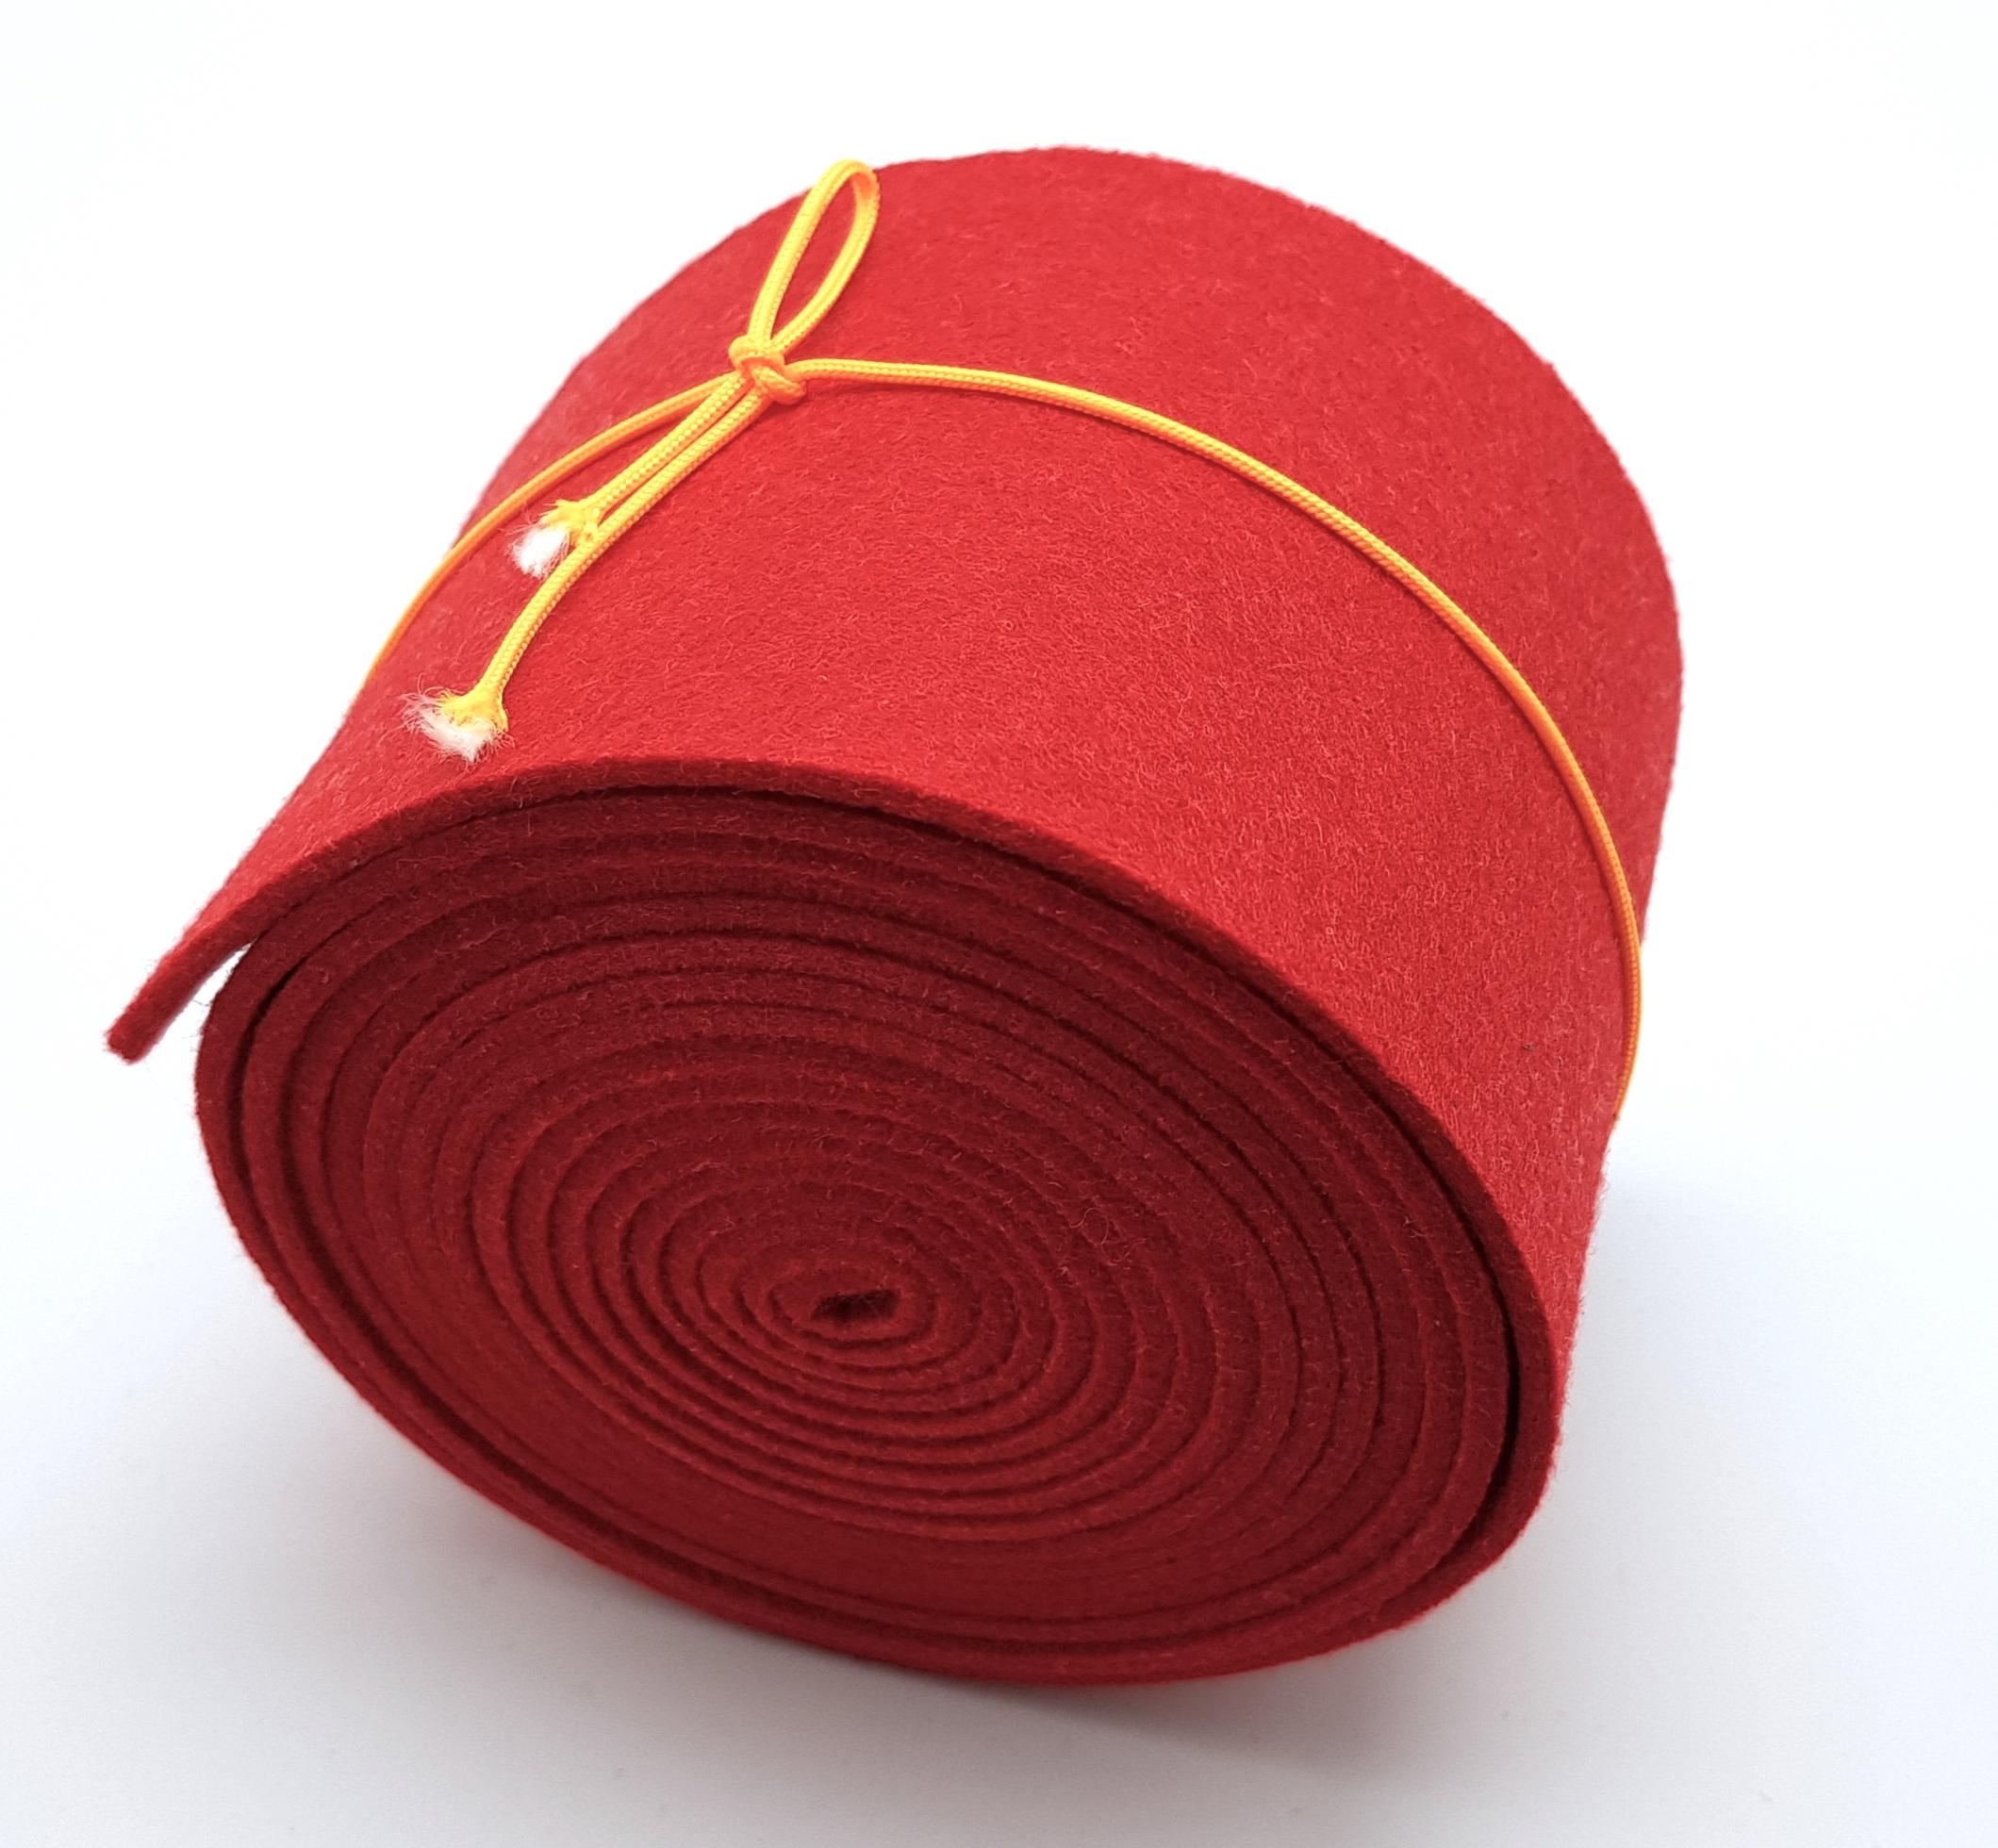 8-cm-rolle-rot - Handgemachte individualisierbare Taschen, Körbe, Tischsets, Dekoartikel und mehr auf fideko.de der Onlineshop seit 2011